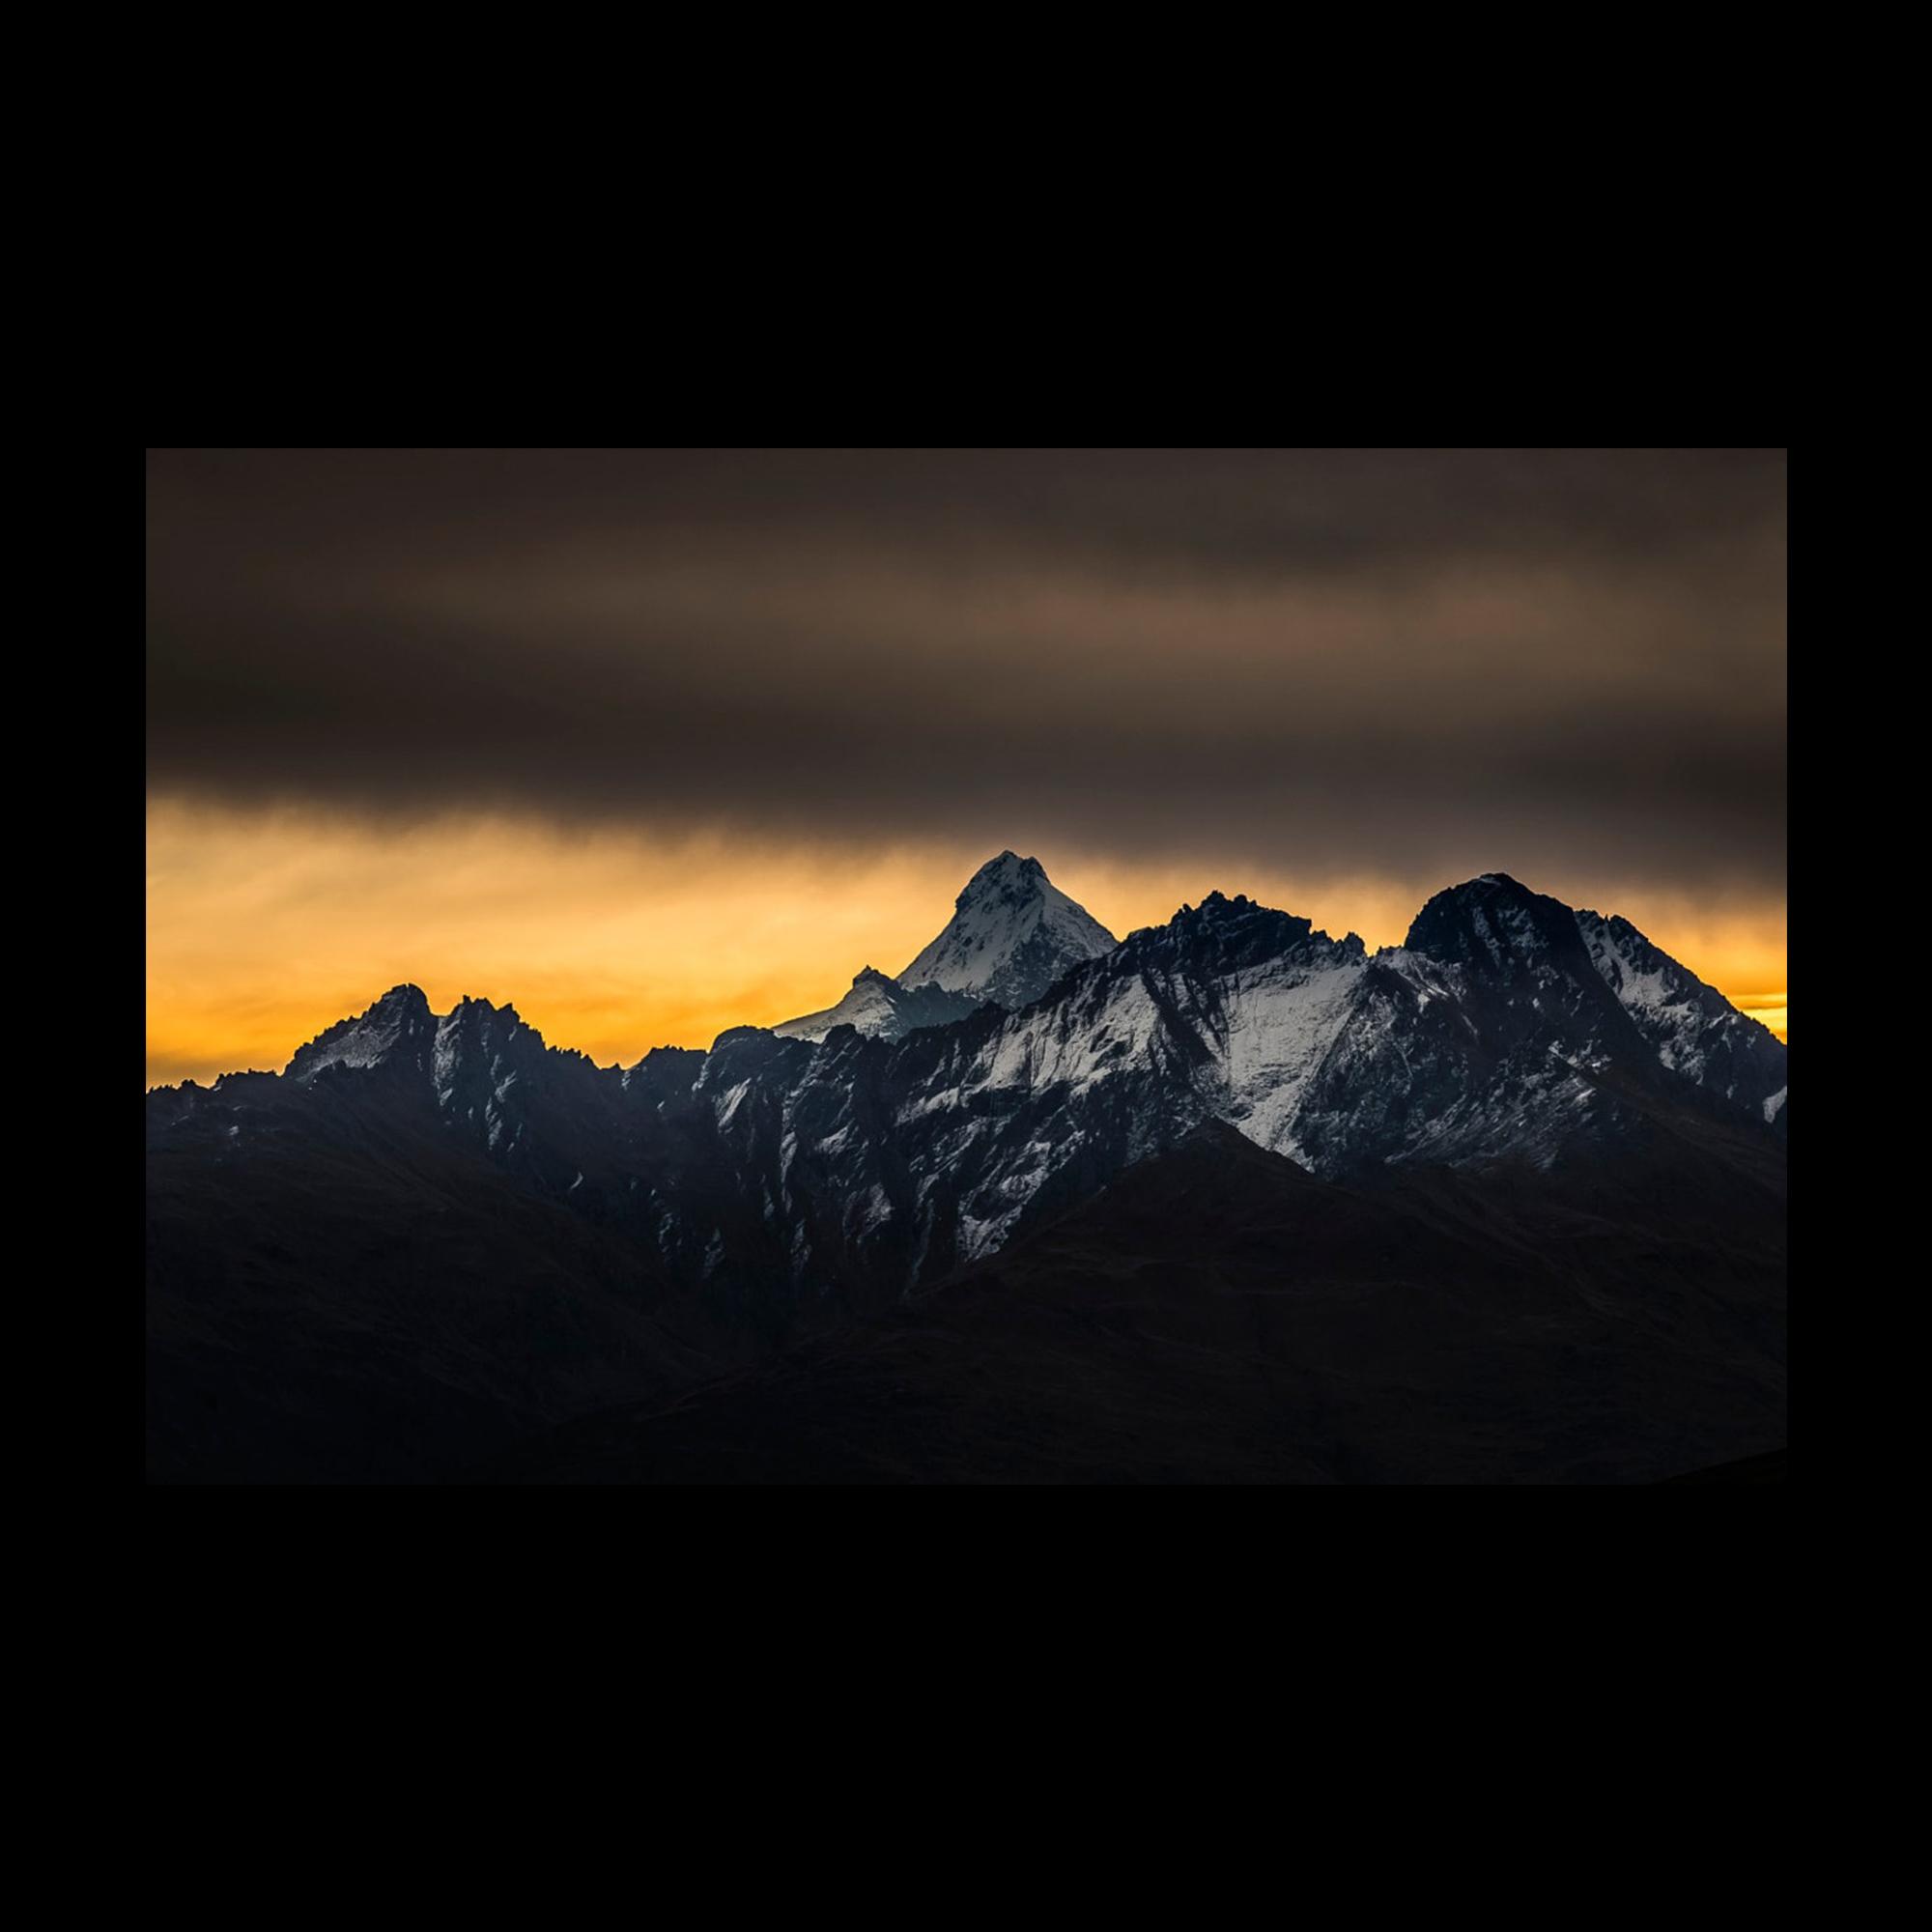 Mount Aspiring sunset